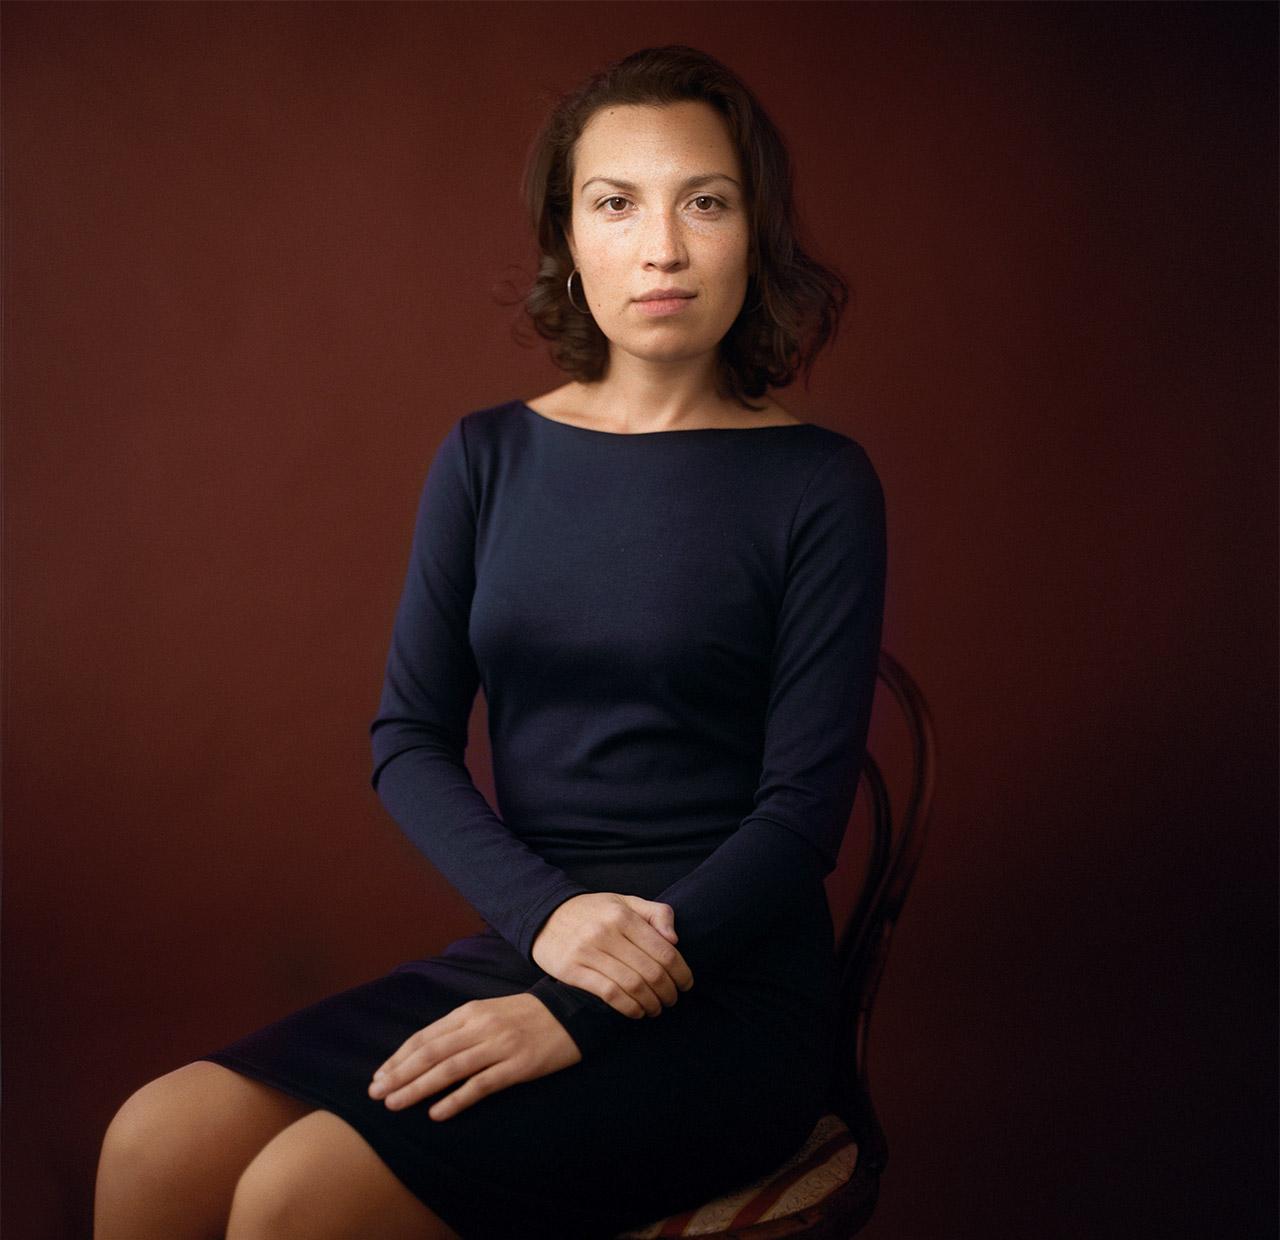 Надежда Орлова мечтала стать актрисой, но окончила педагогический в Твери и до переезда в Москву работала в детском саду